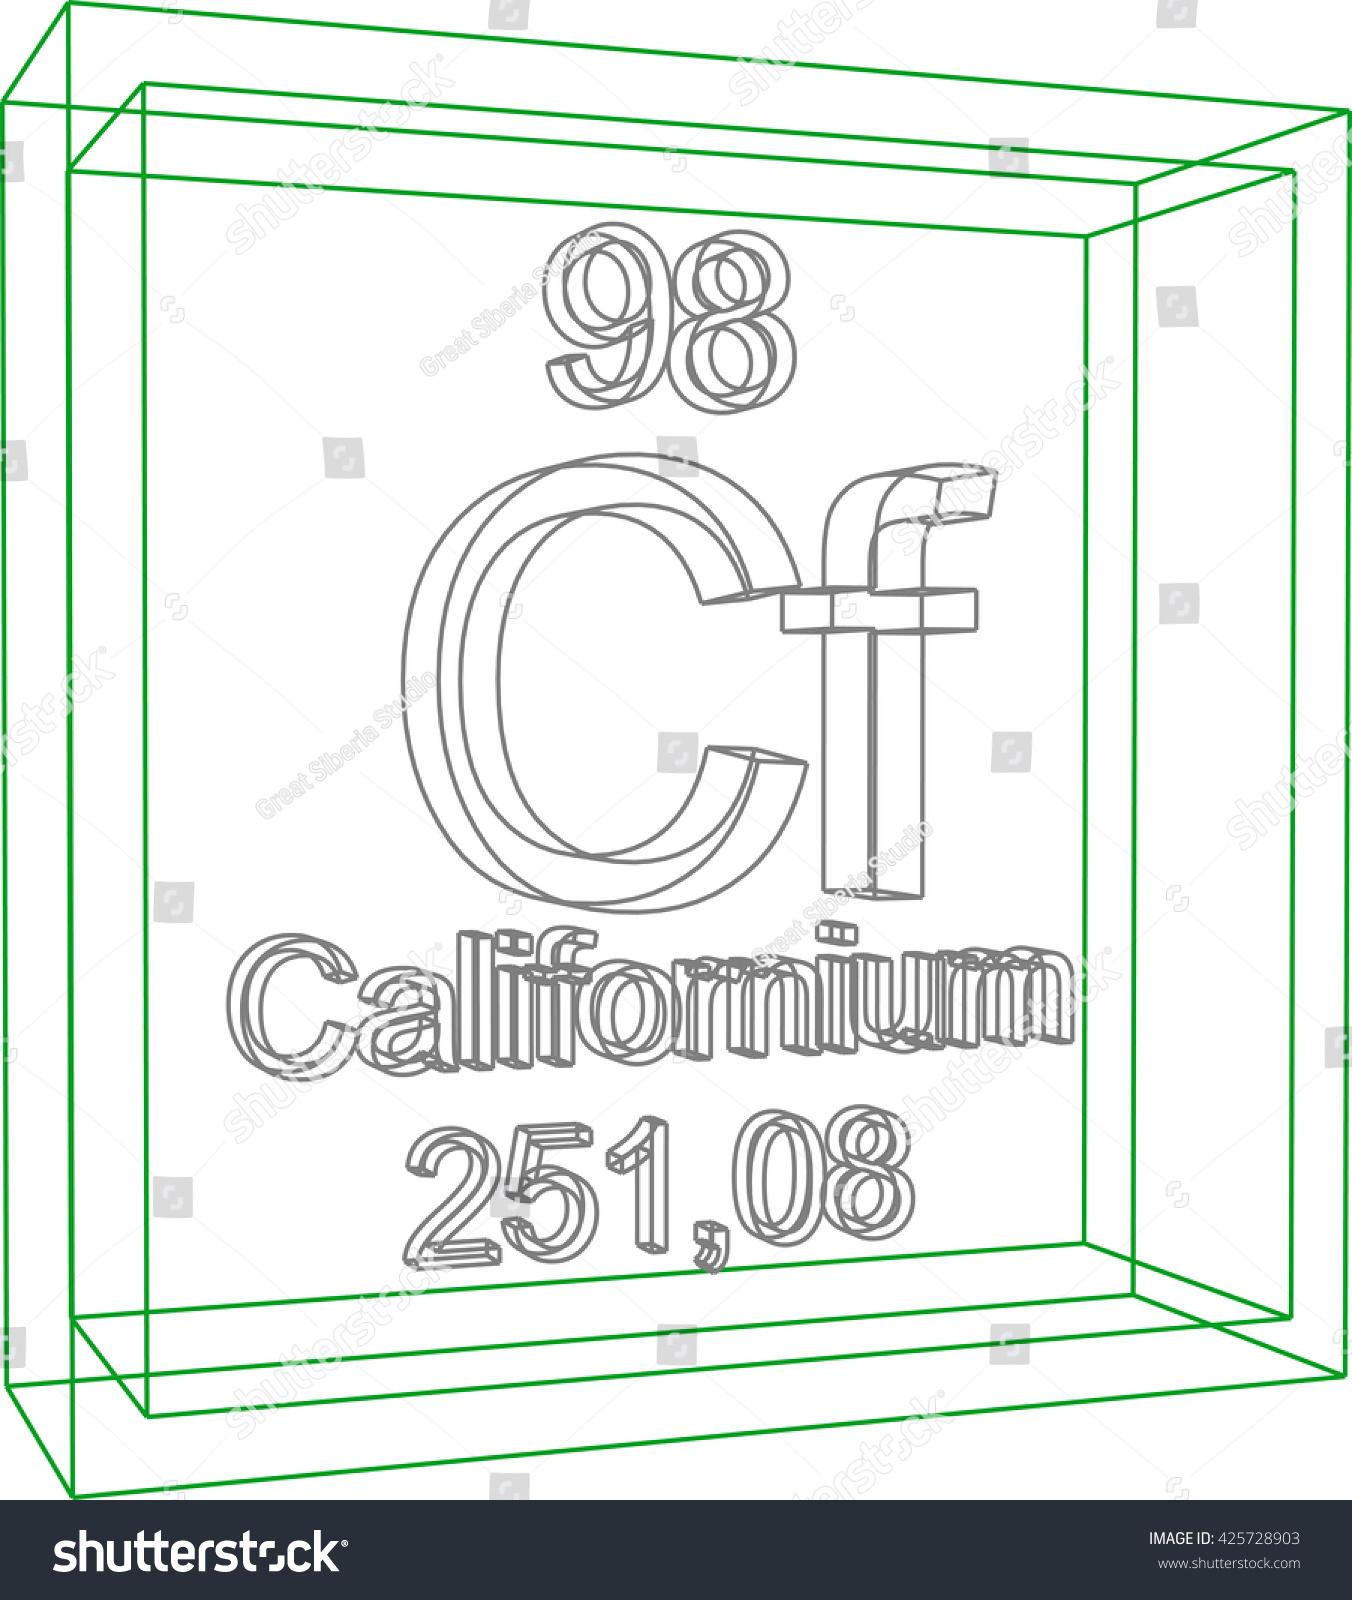 Periodic table elements californium stock vector 425728903 periodic table of elements californium gamestrikefo Images